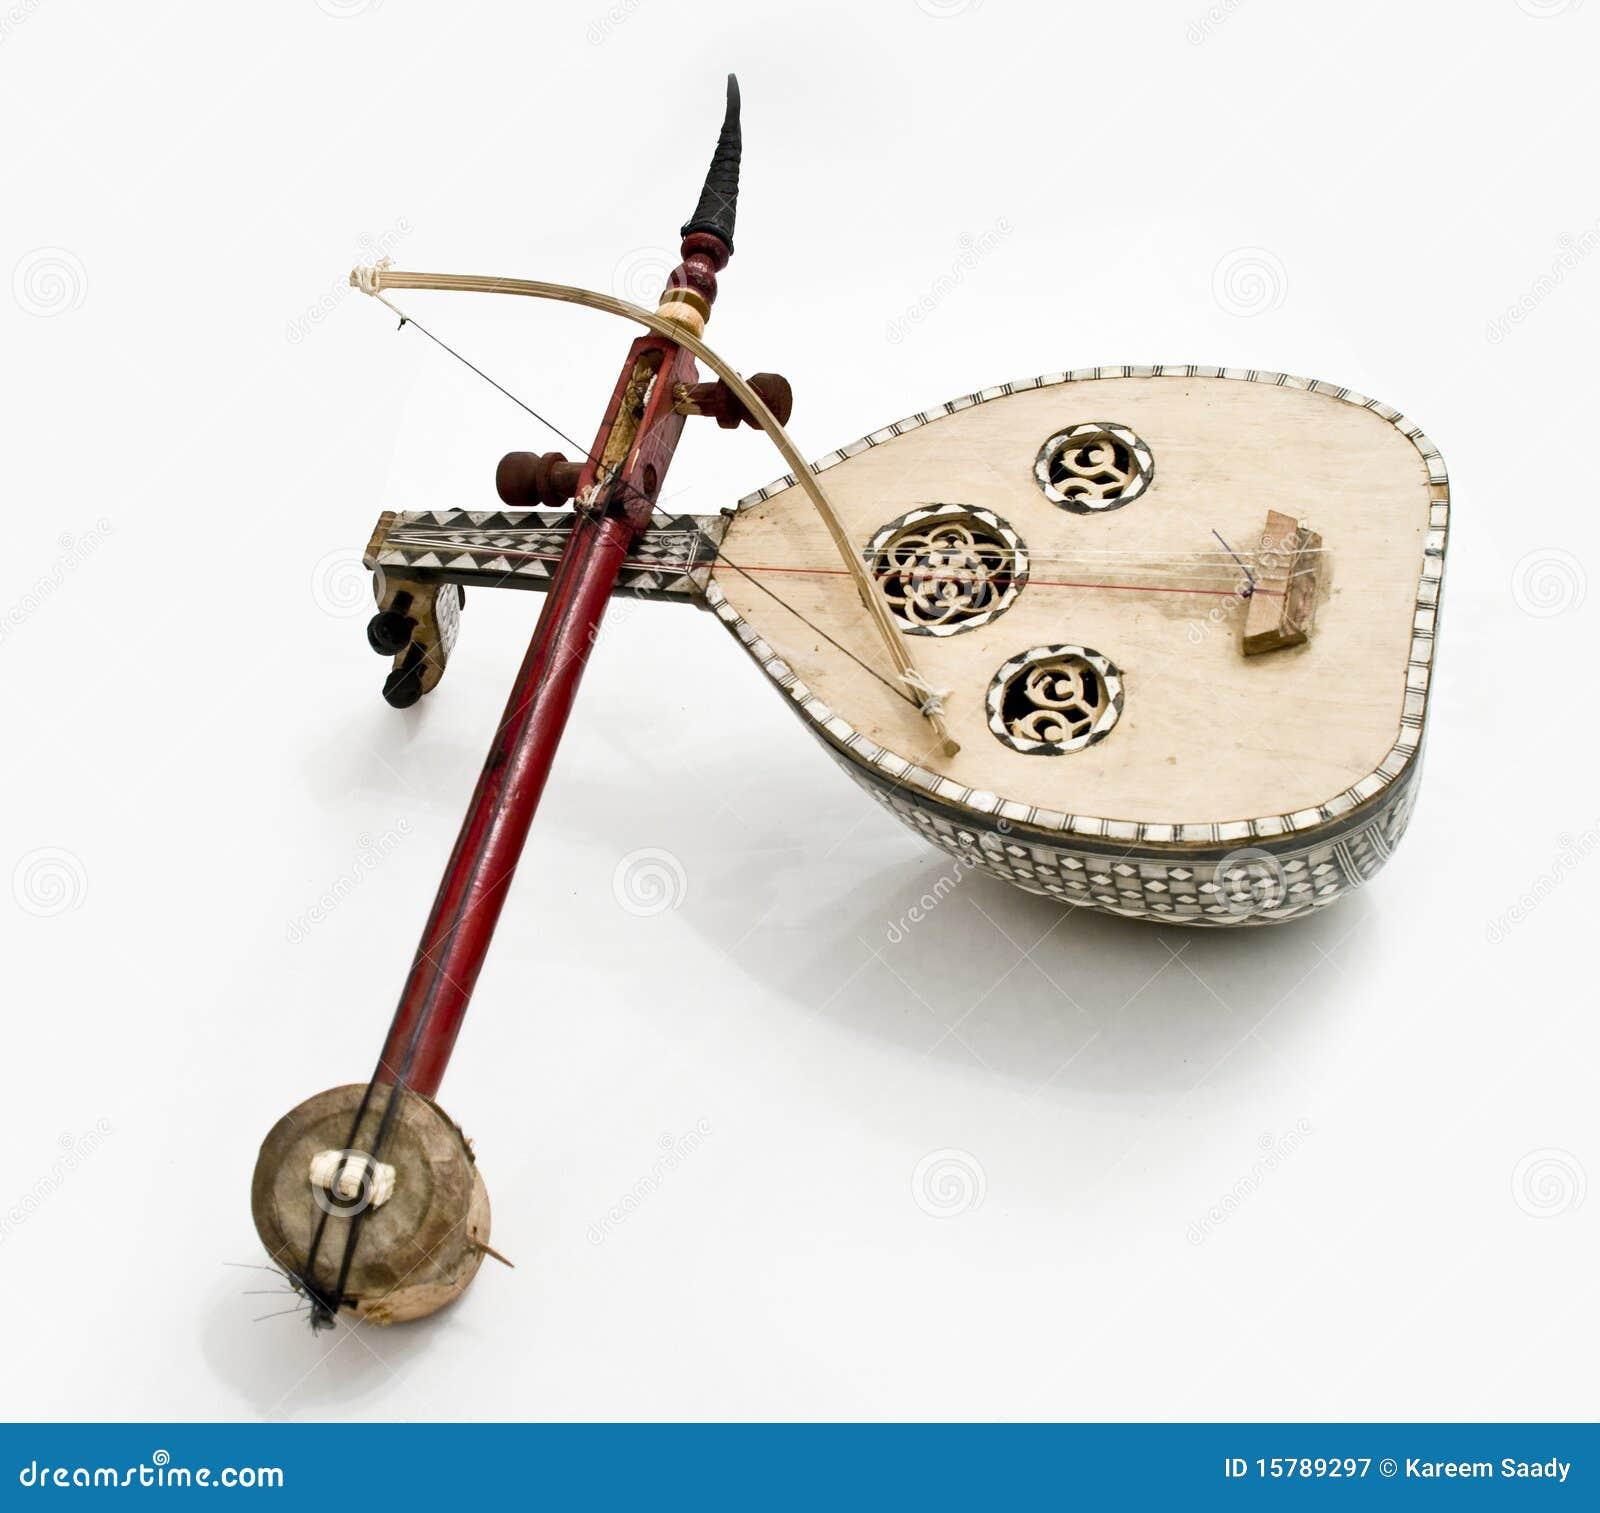 Stari muzicki instrumenti Arabian-instruments-15789297